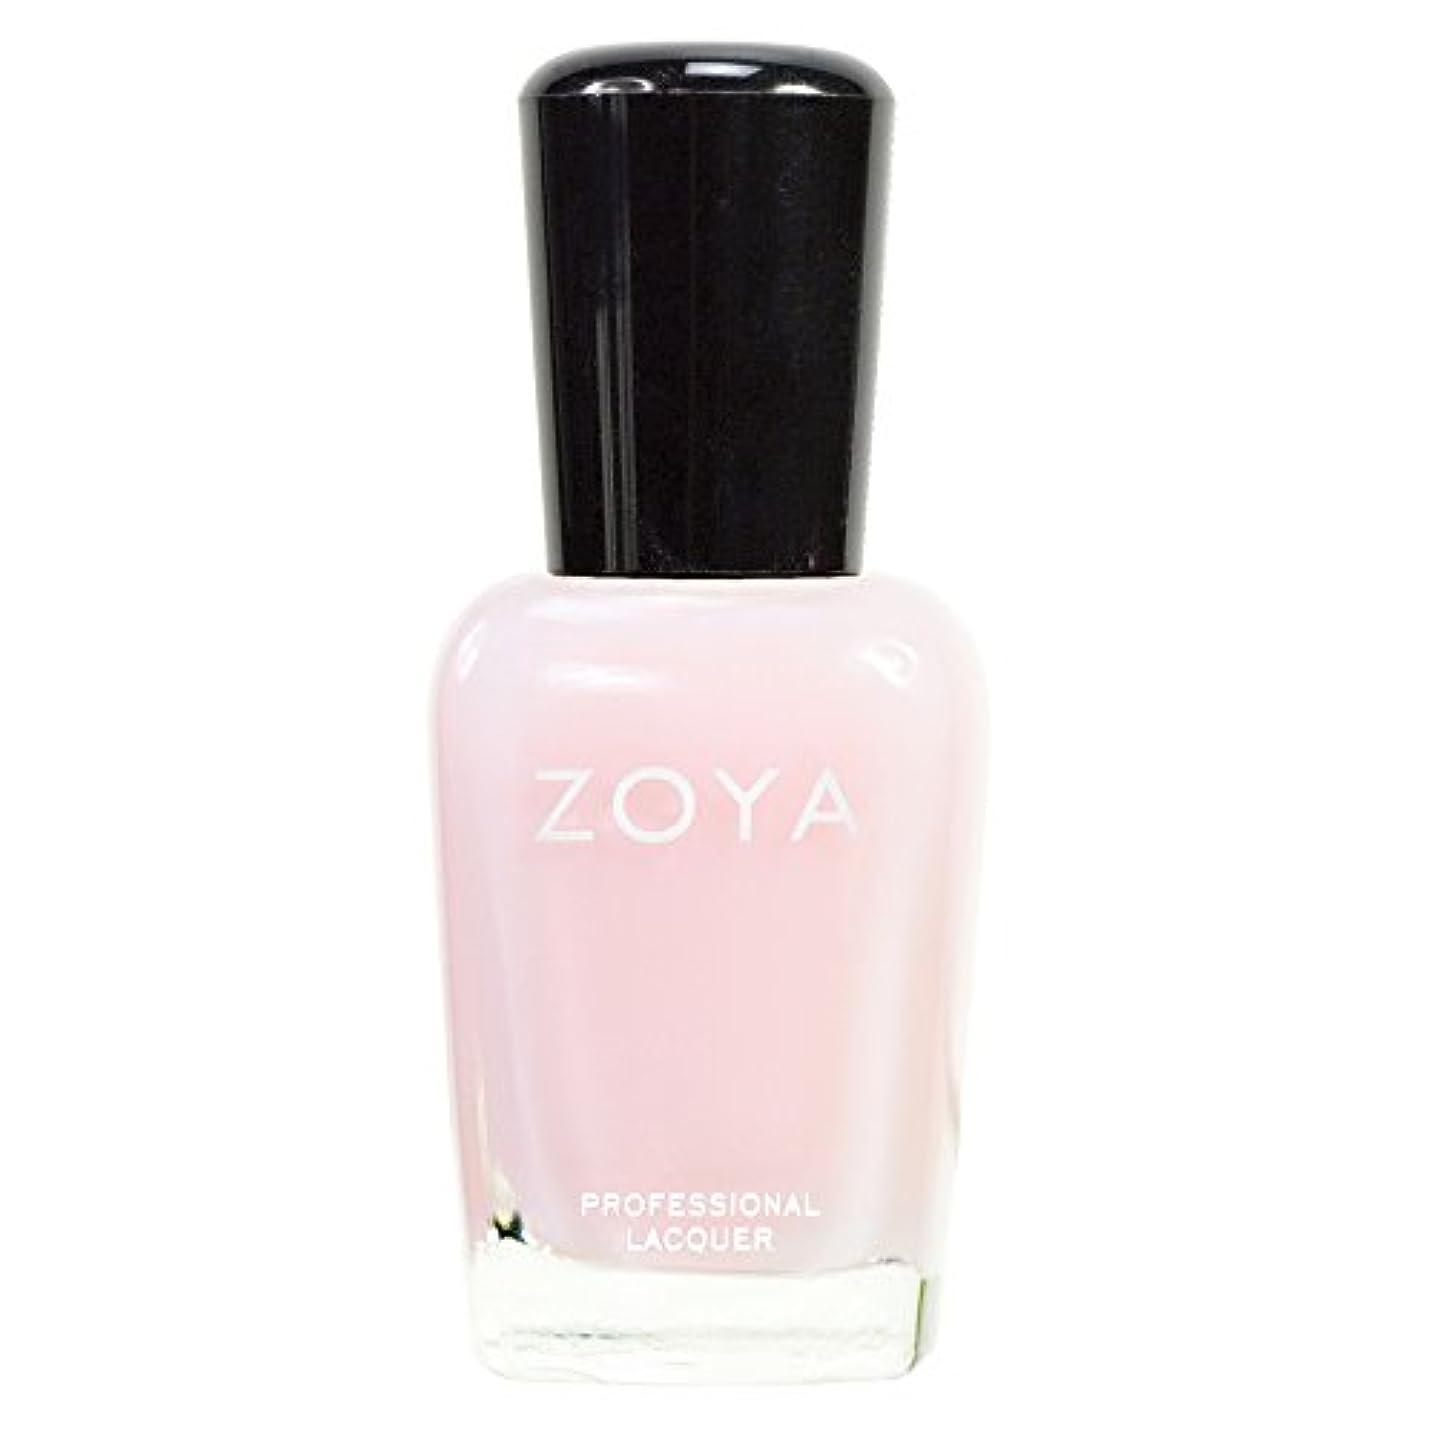 ゆるいそれにもかかわらず拍車ZOYA ゾーヤ ネイルカラーZP334(LORETTA) ロレッタ 15ml 透明感のあるベビーピンク シアー?マット/クリーム 爪にやさしいネイルラッカーマニキュア